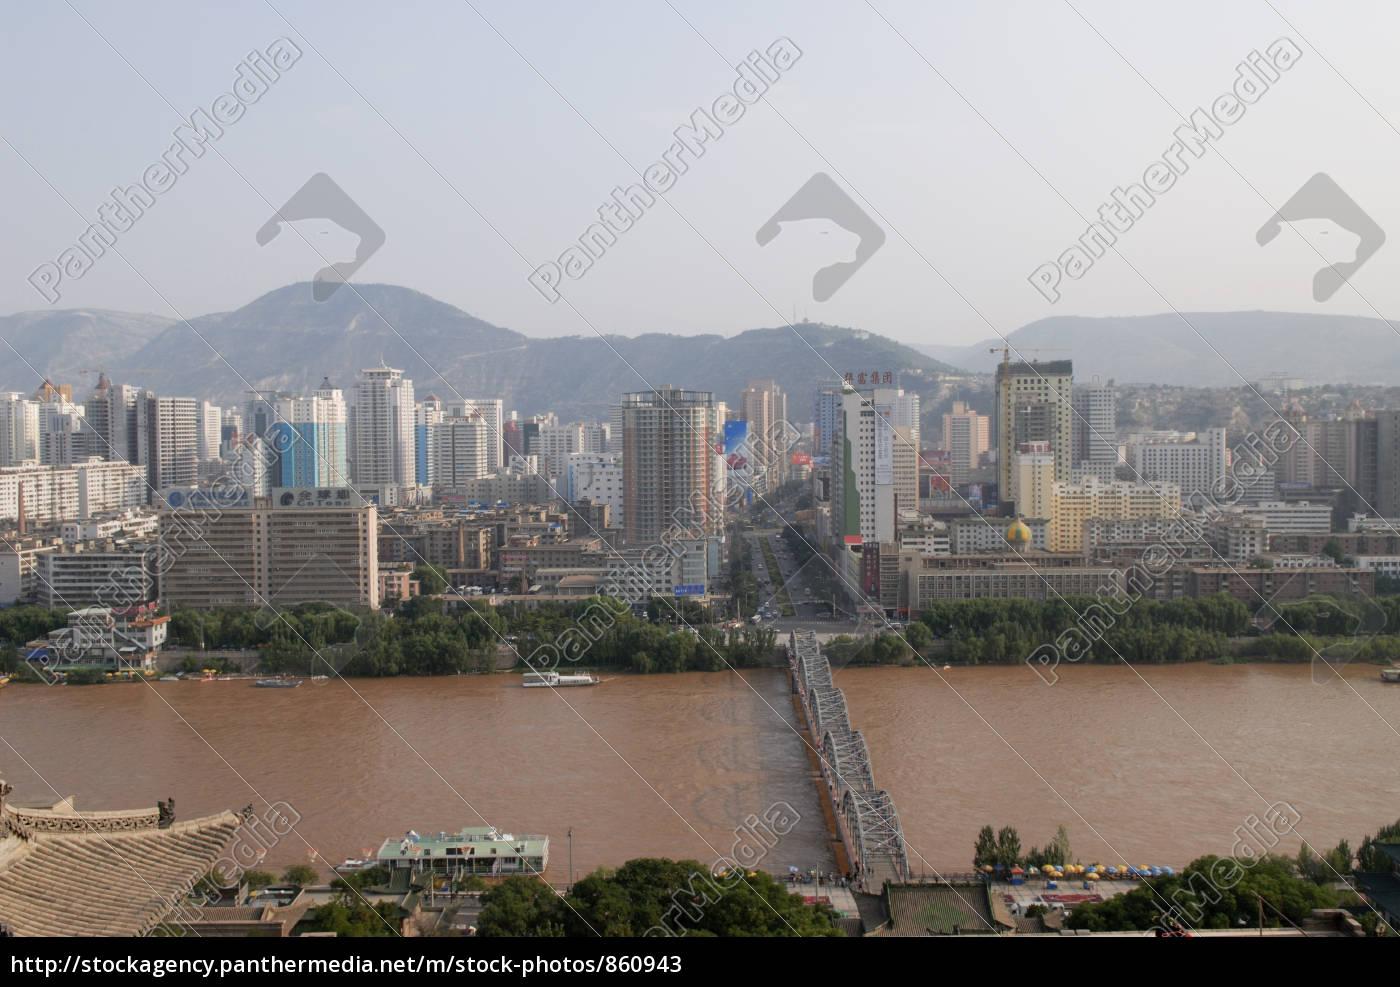 lanzhou, china - 860943